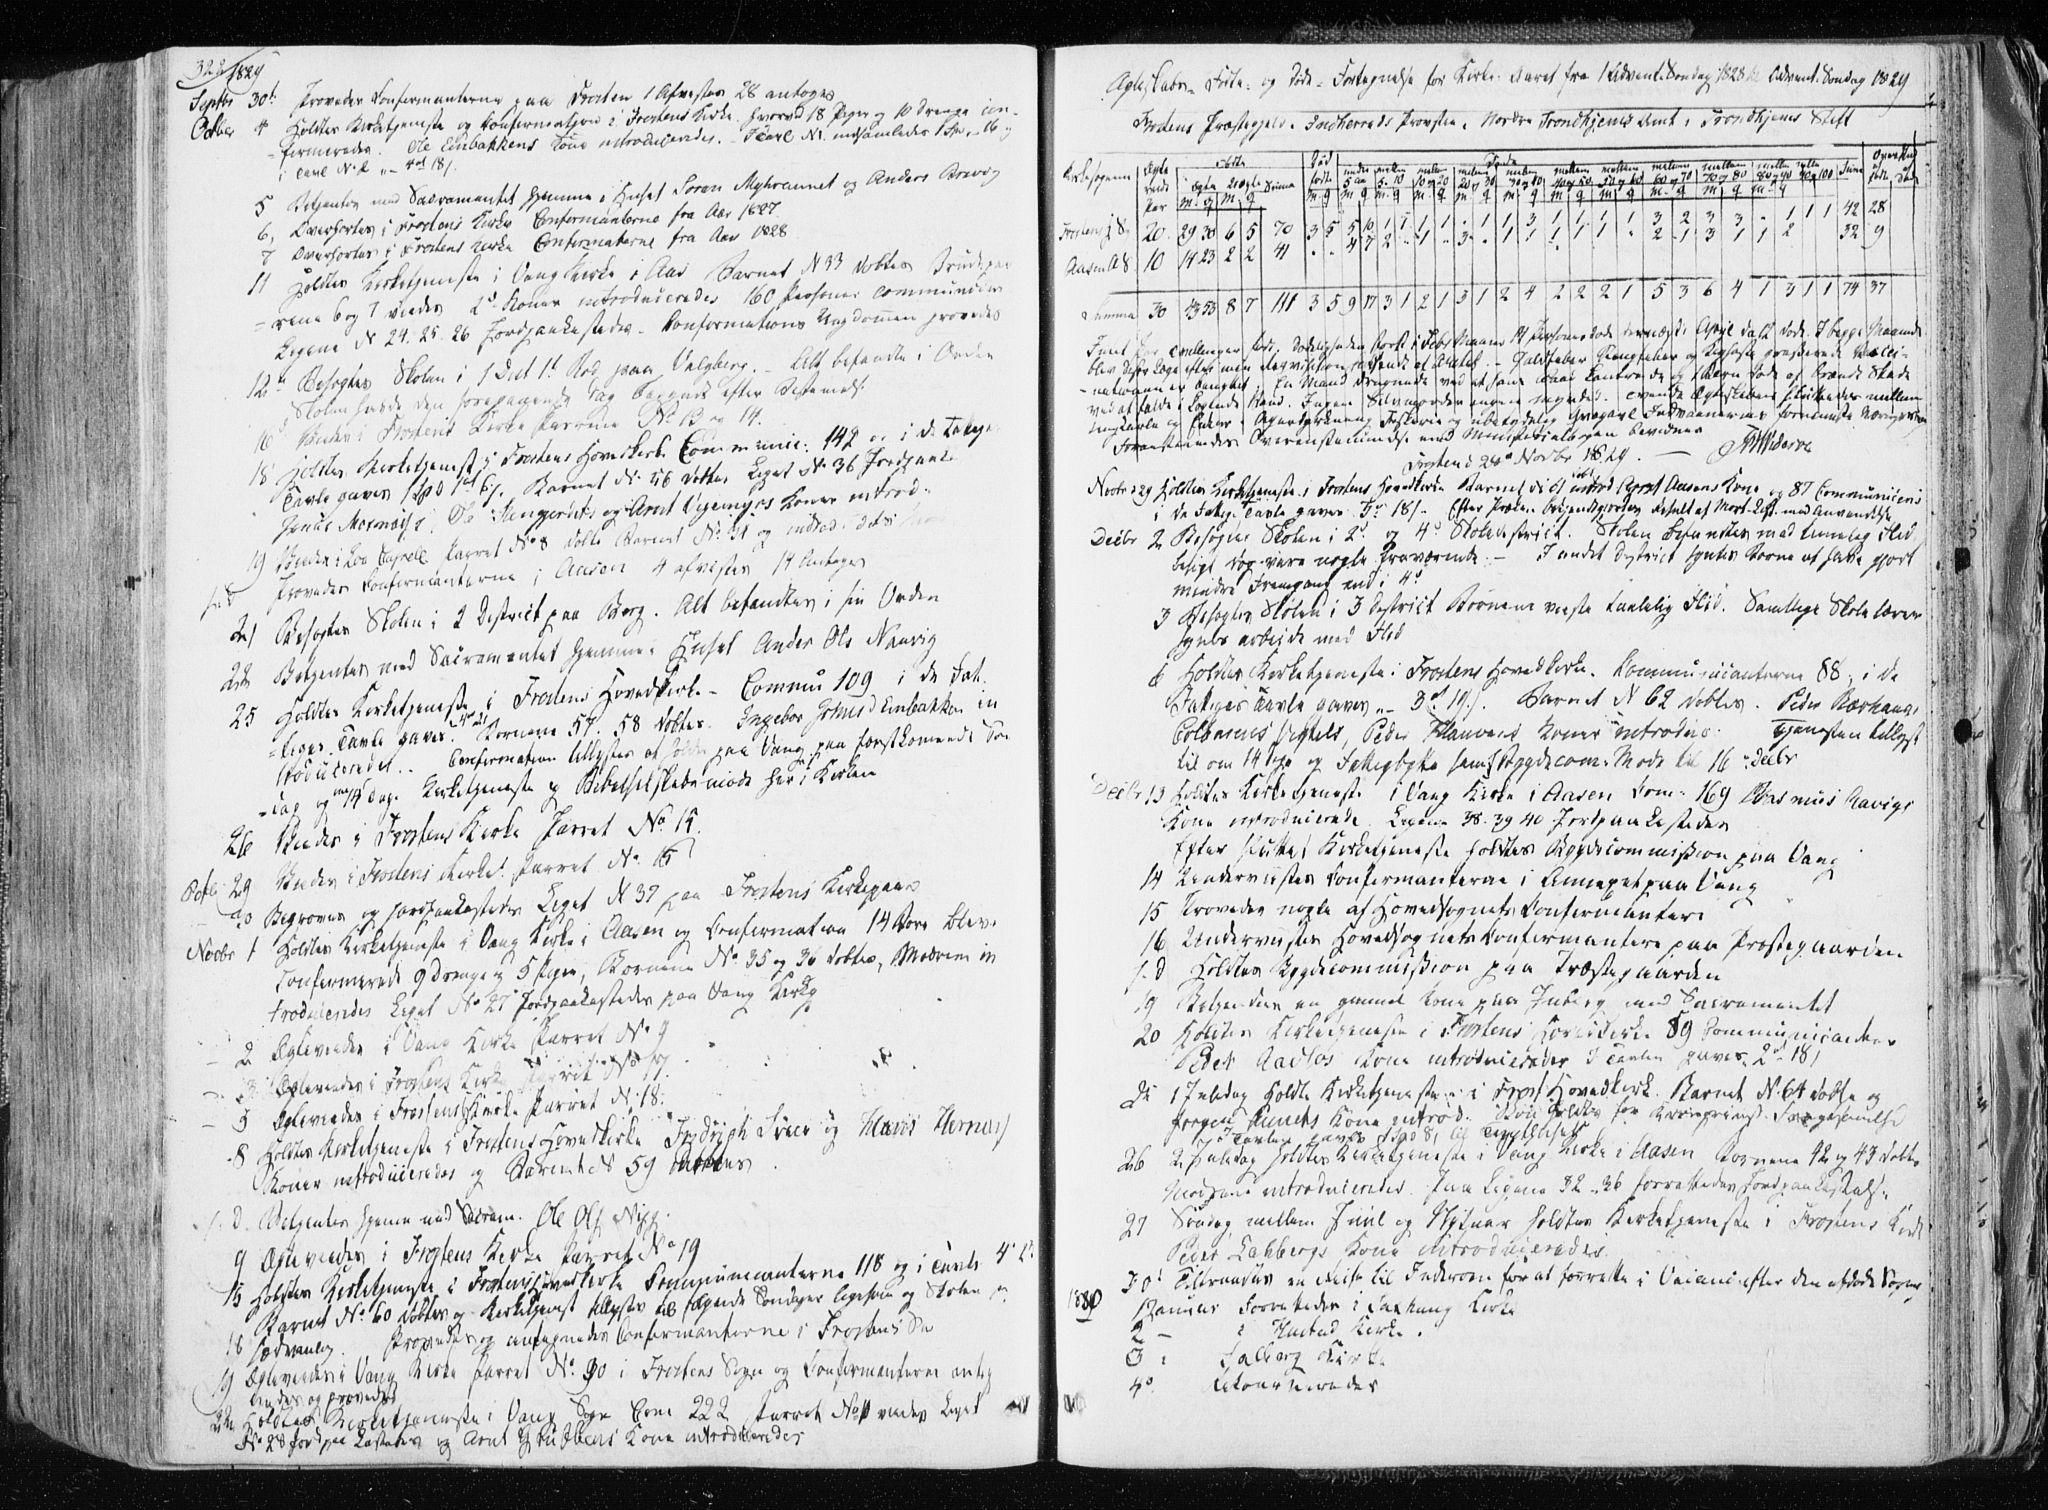 SAT, Ministerialprotokoller, klokkerbøker og fødselsregistre - Nord-Trøndelag, 713/L0114: Ministerialbok nr. 713A05, 1827-1839, s. 322